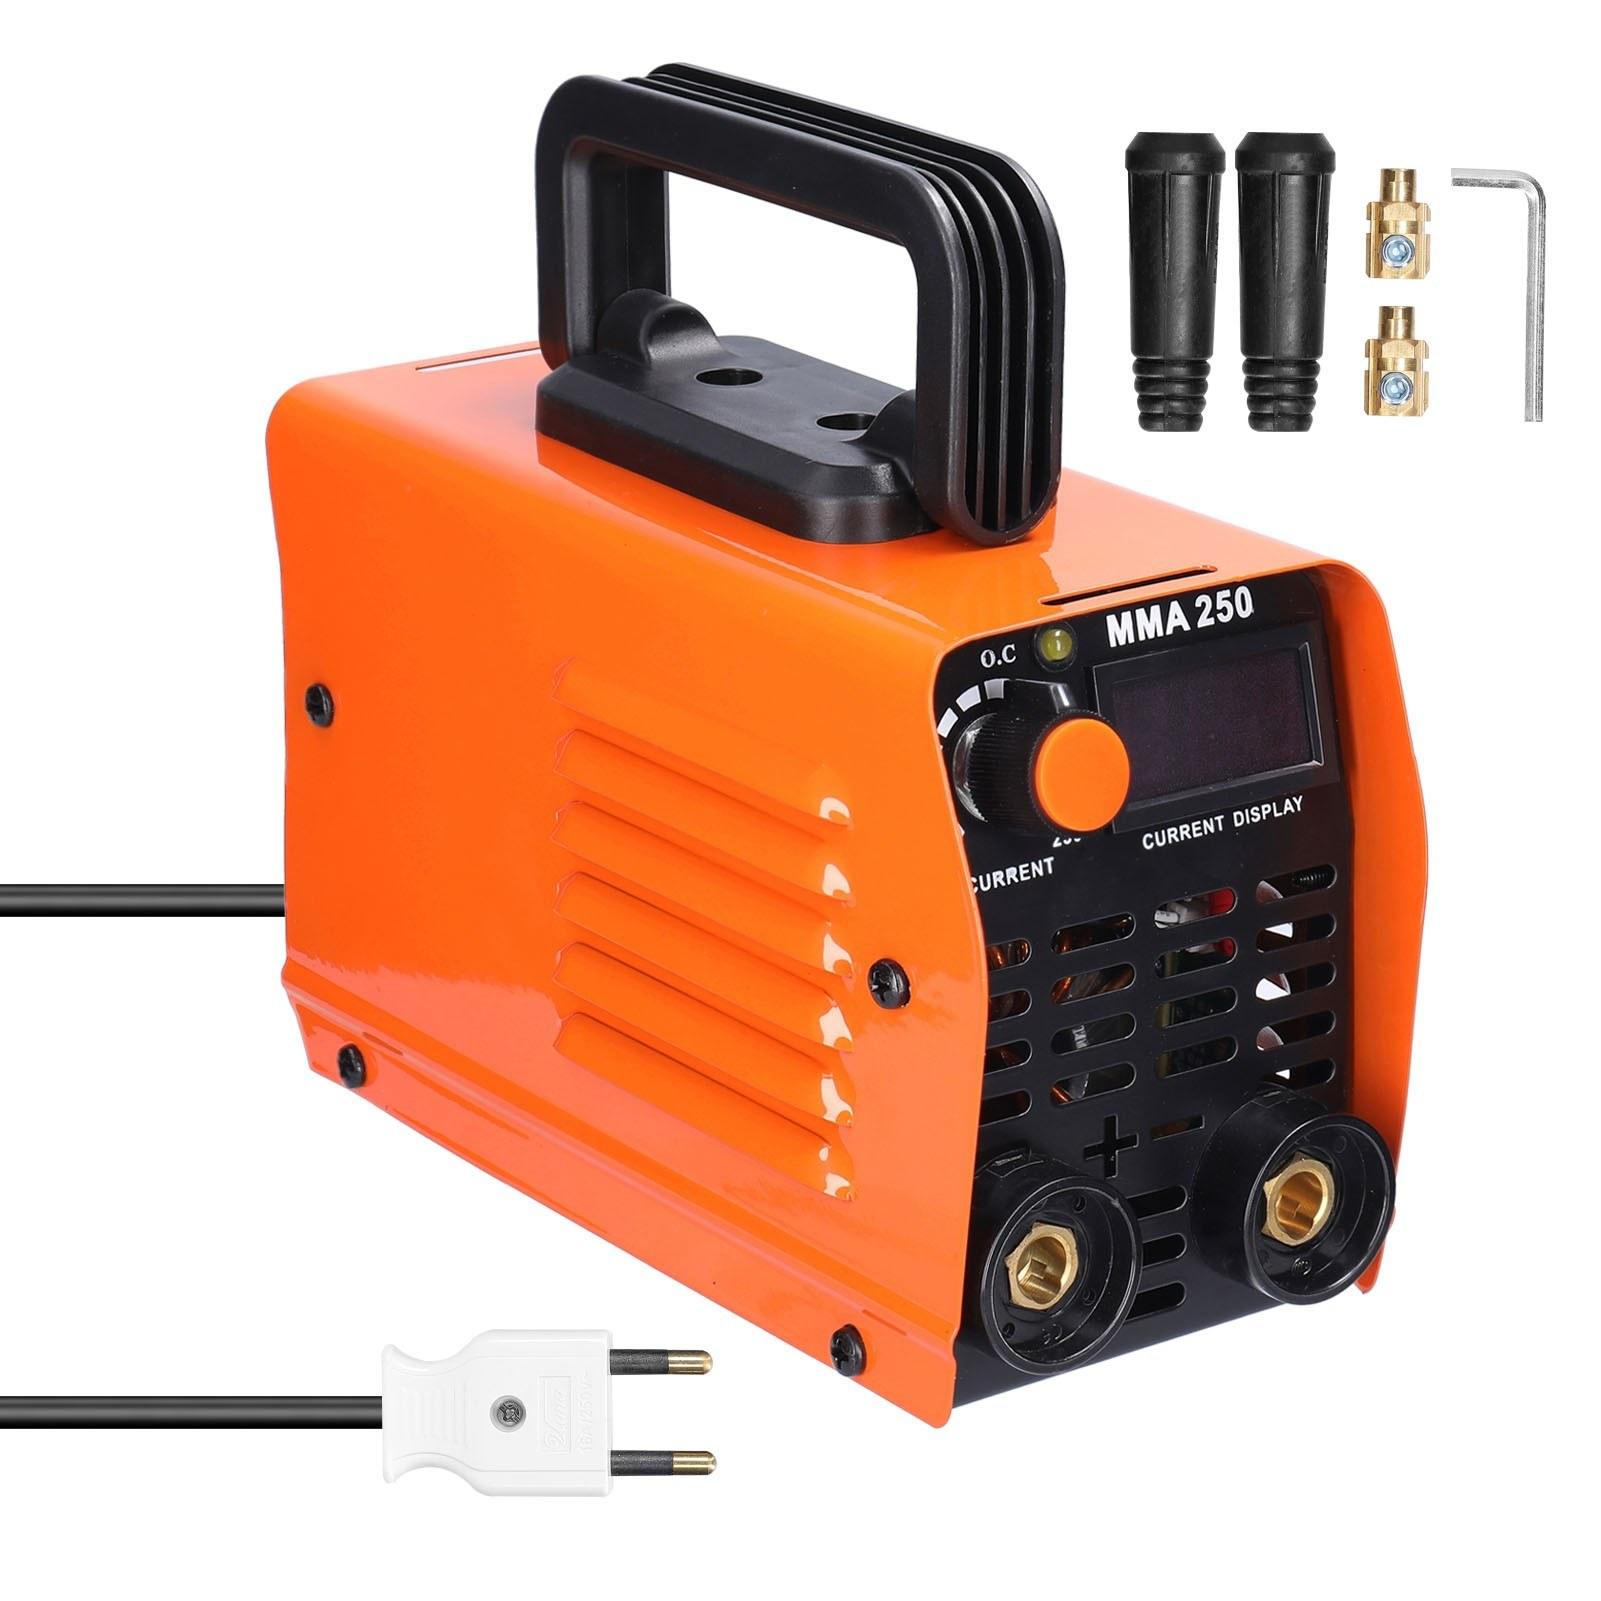 Tomtop - MMA-250 Electric Welding Machine, $55.99 (Inclusive of VAT)